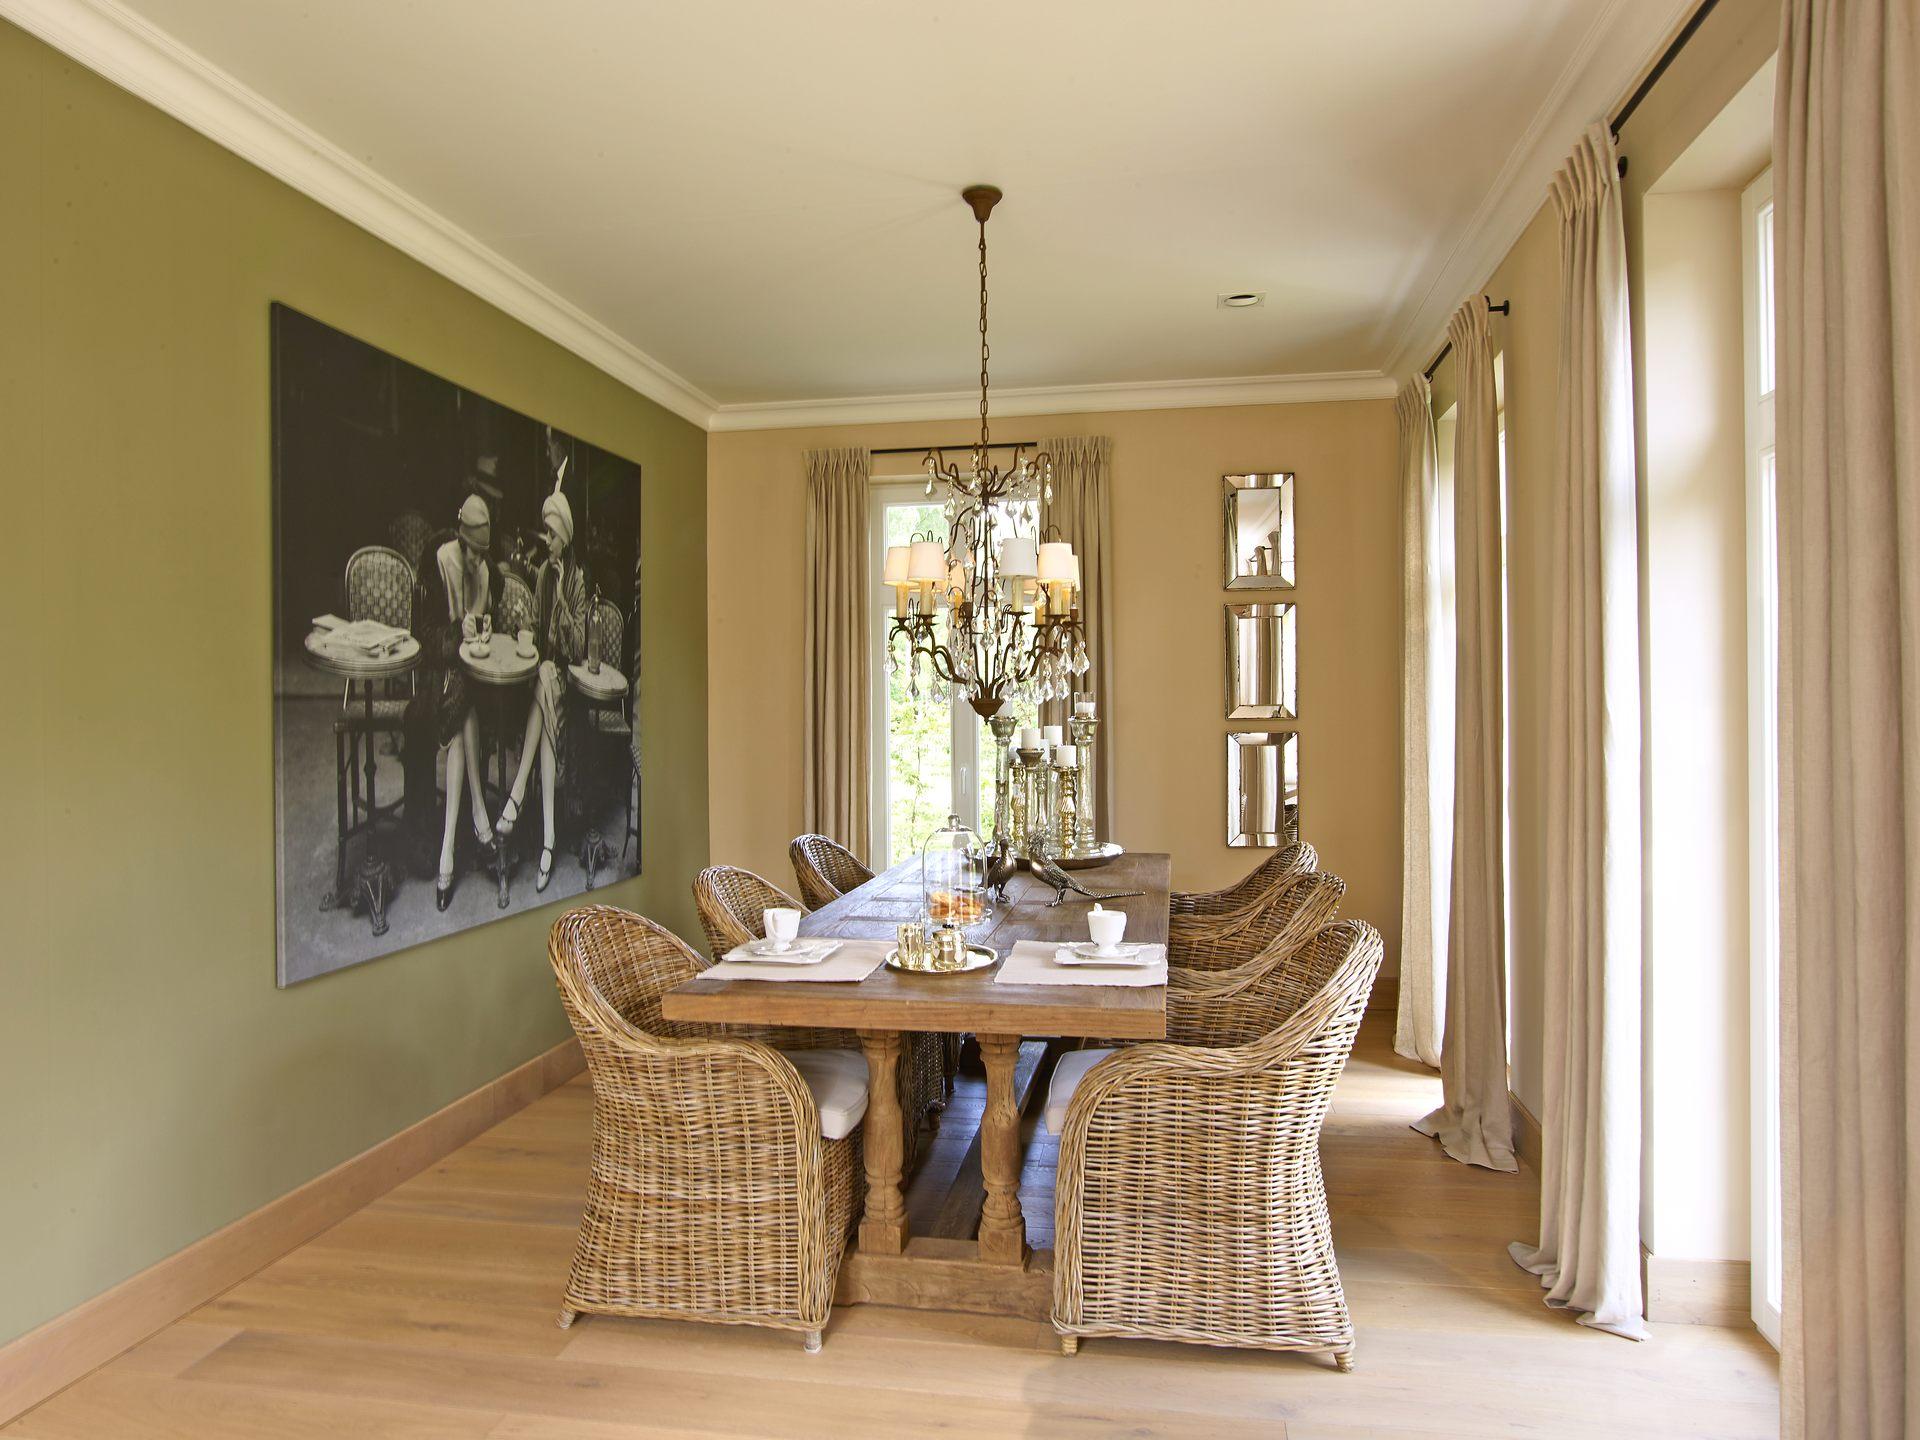 Wohnzimmer Ideen - Stilvolles Zentrum des Wohnens